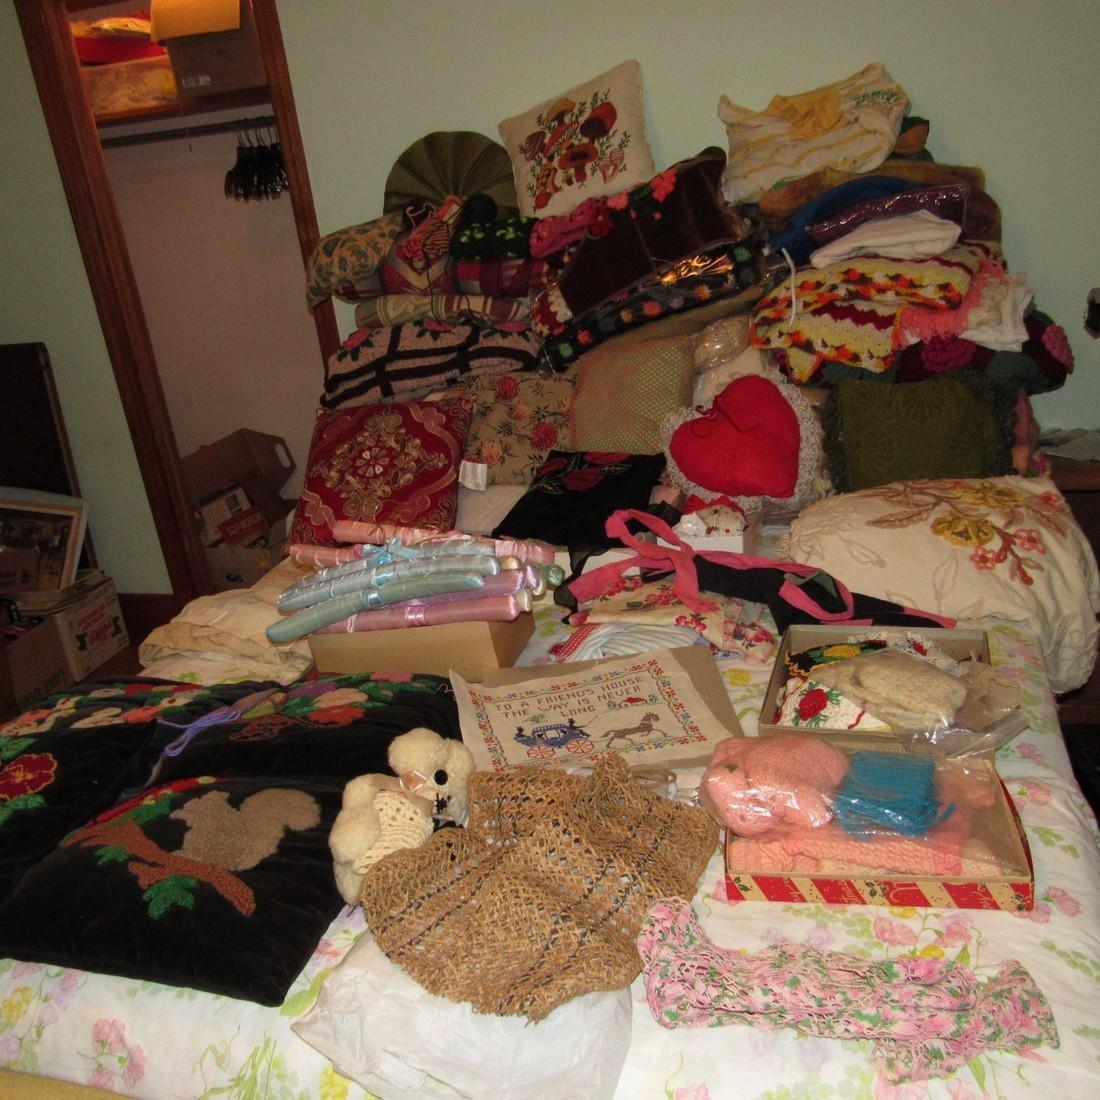 Bedspreads Pillows Blankets Doilies Hangers